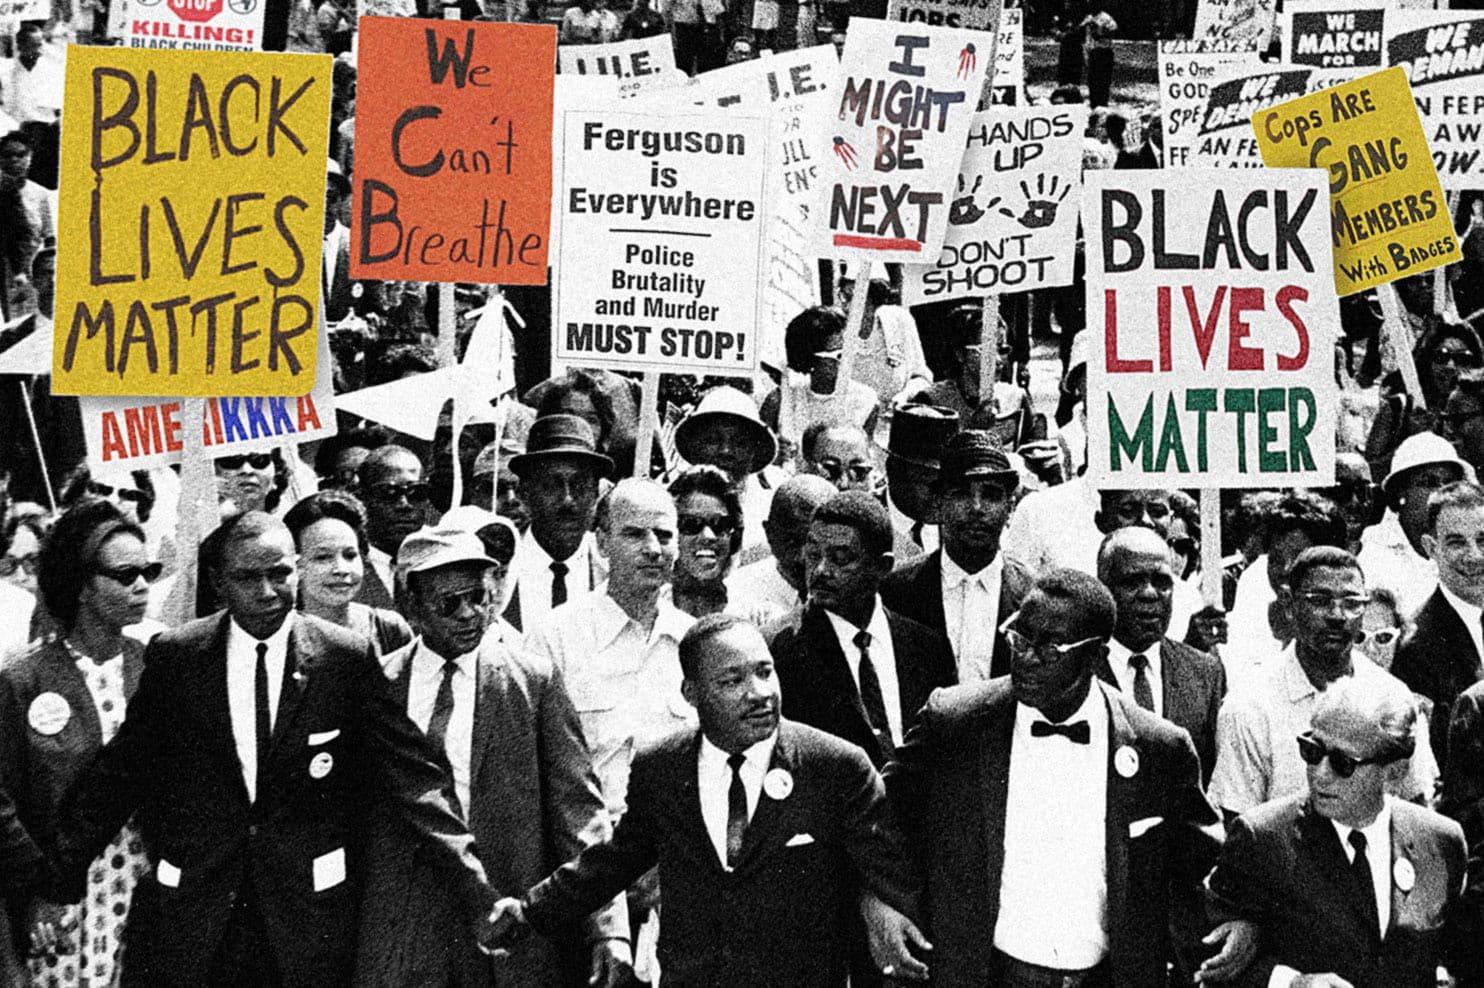 Don T Criticize Black Lives Matter For Provoking Violence